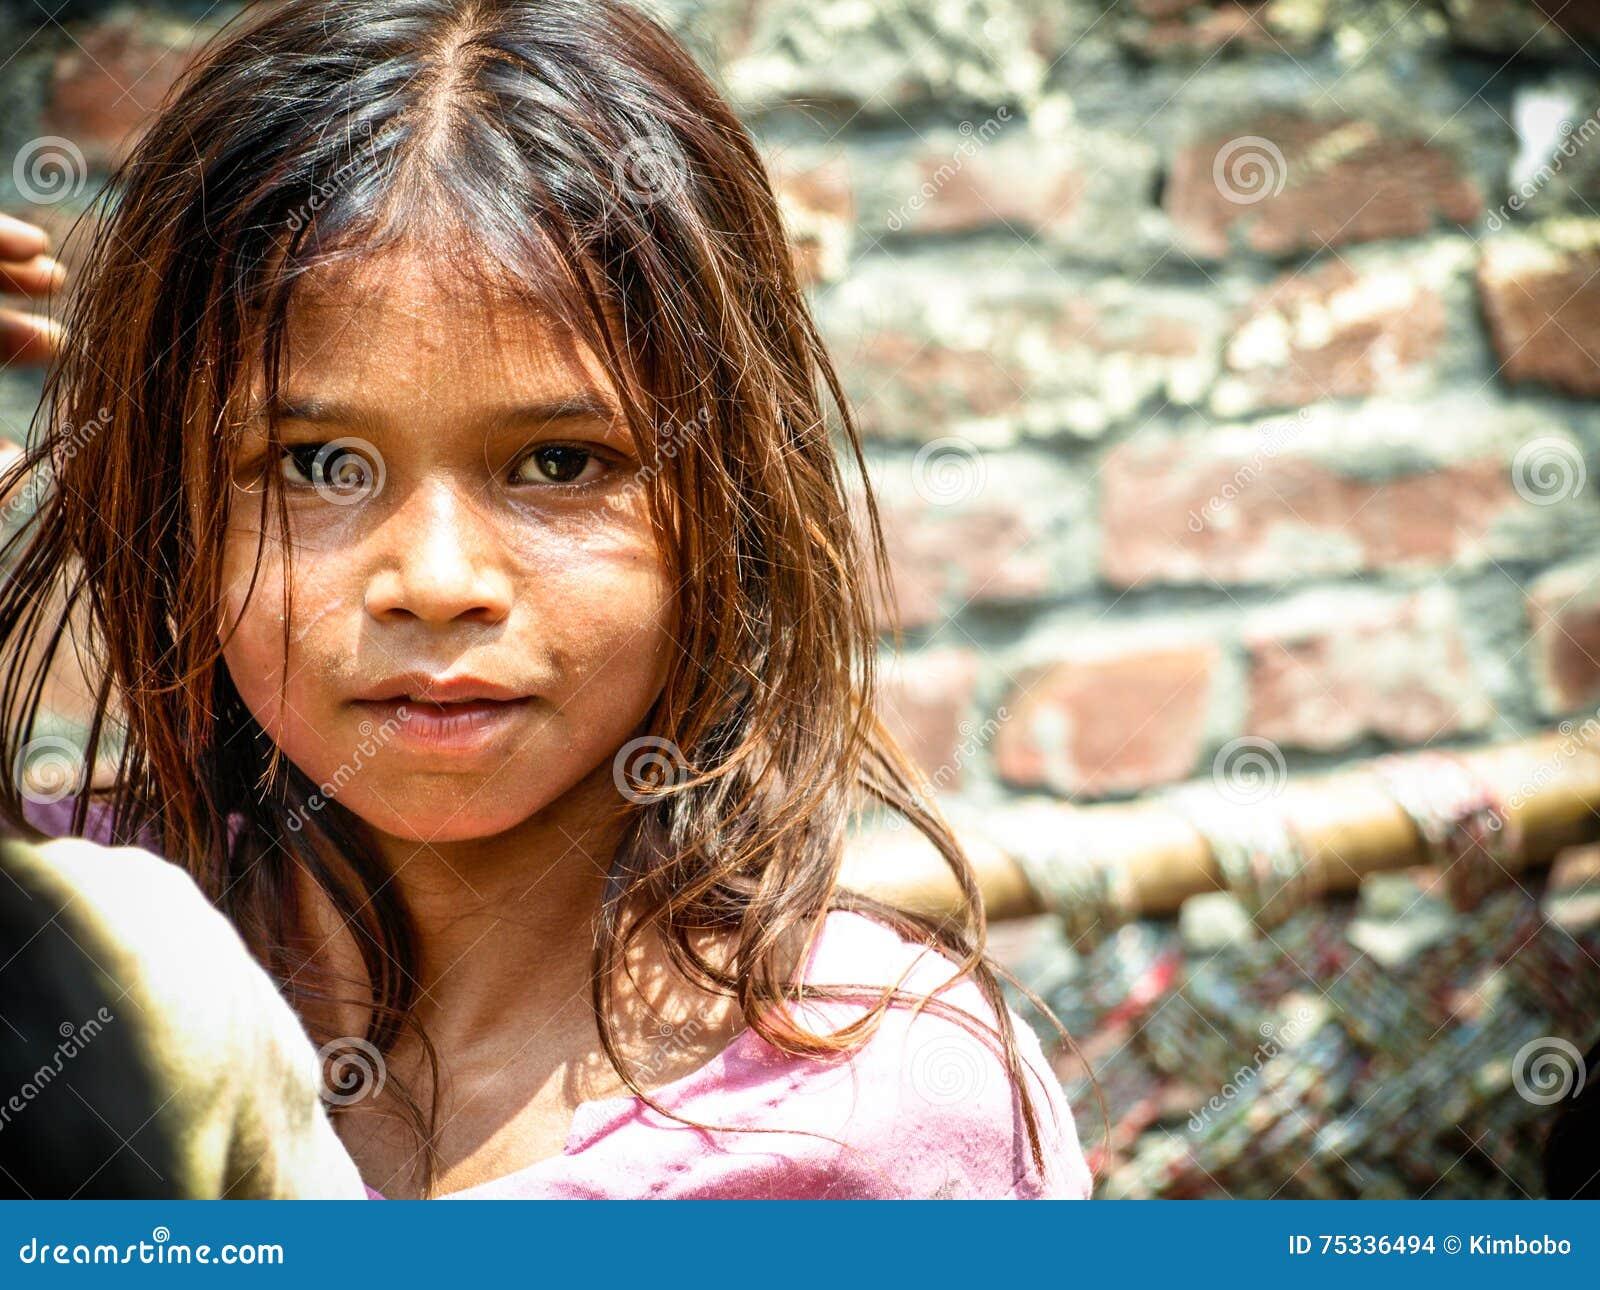 Amroha, Uiterste Pradesh, INDIA - 2011: Niet geïdentificeerde armen die in krottenwijk leven